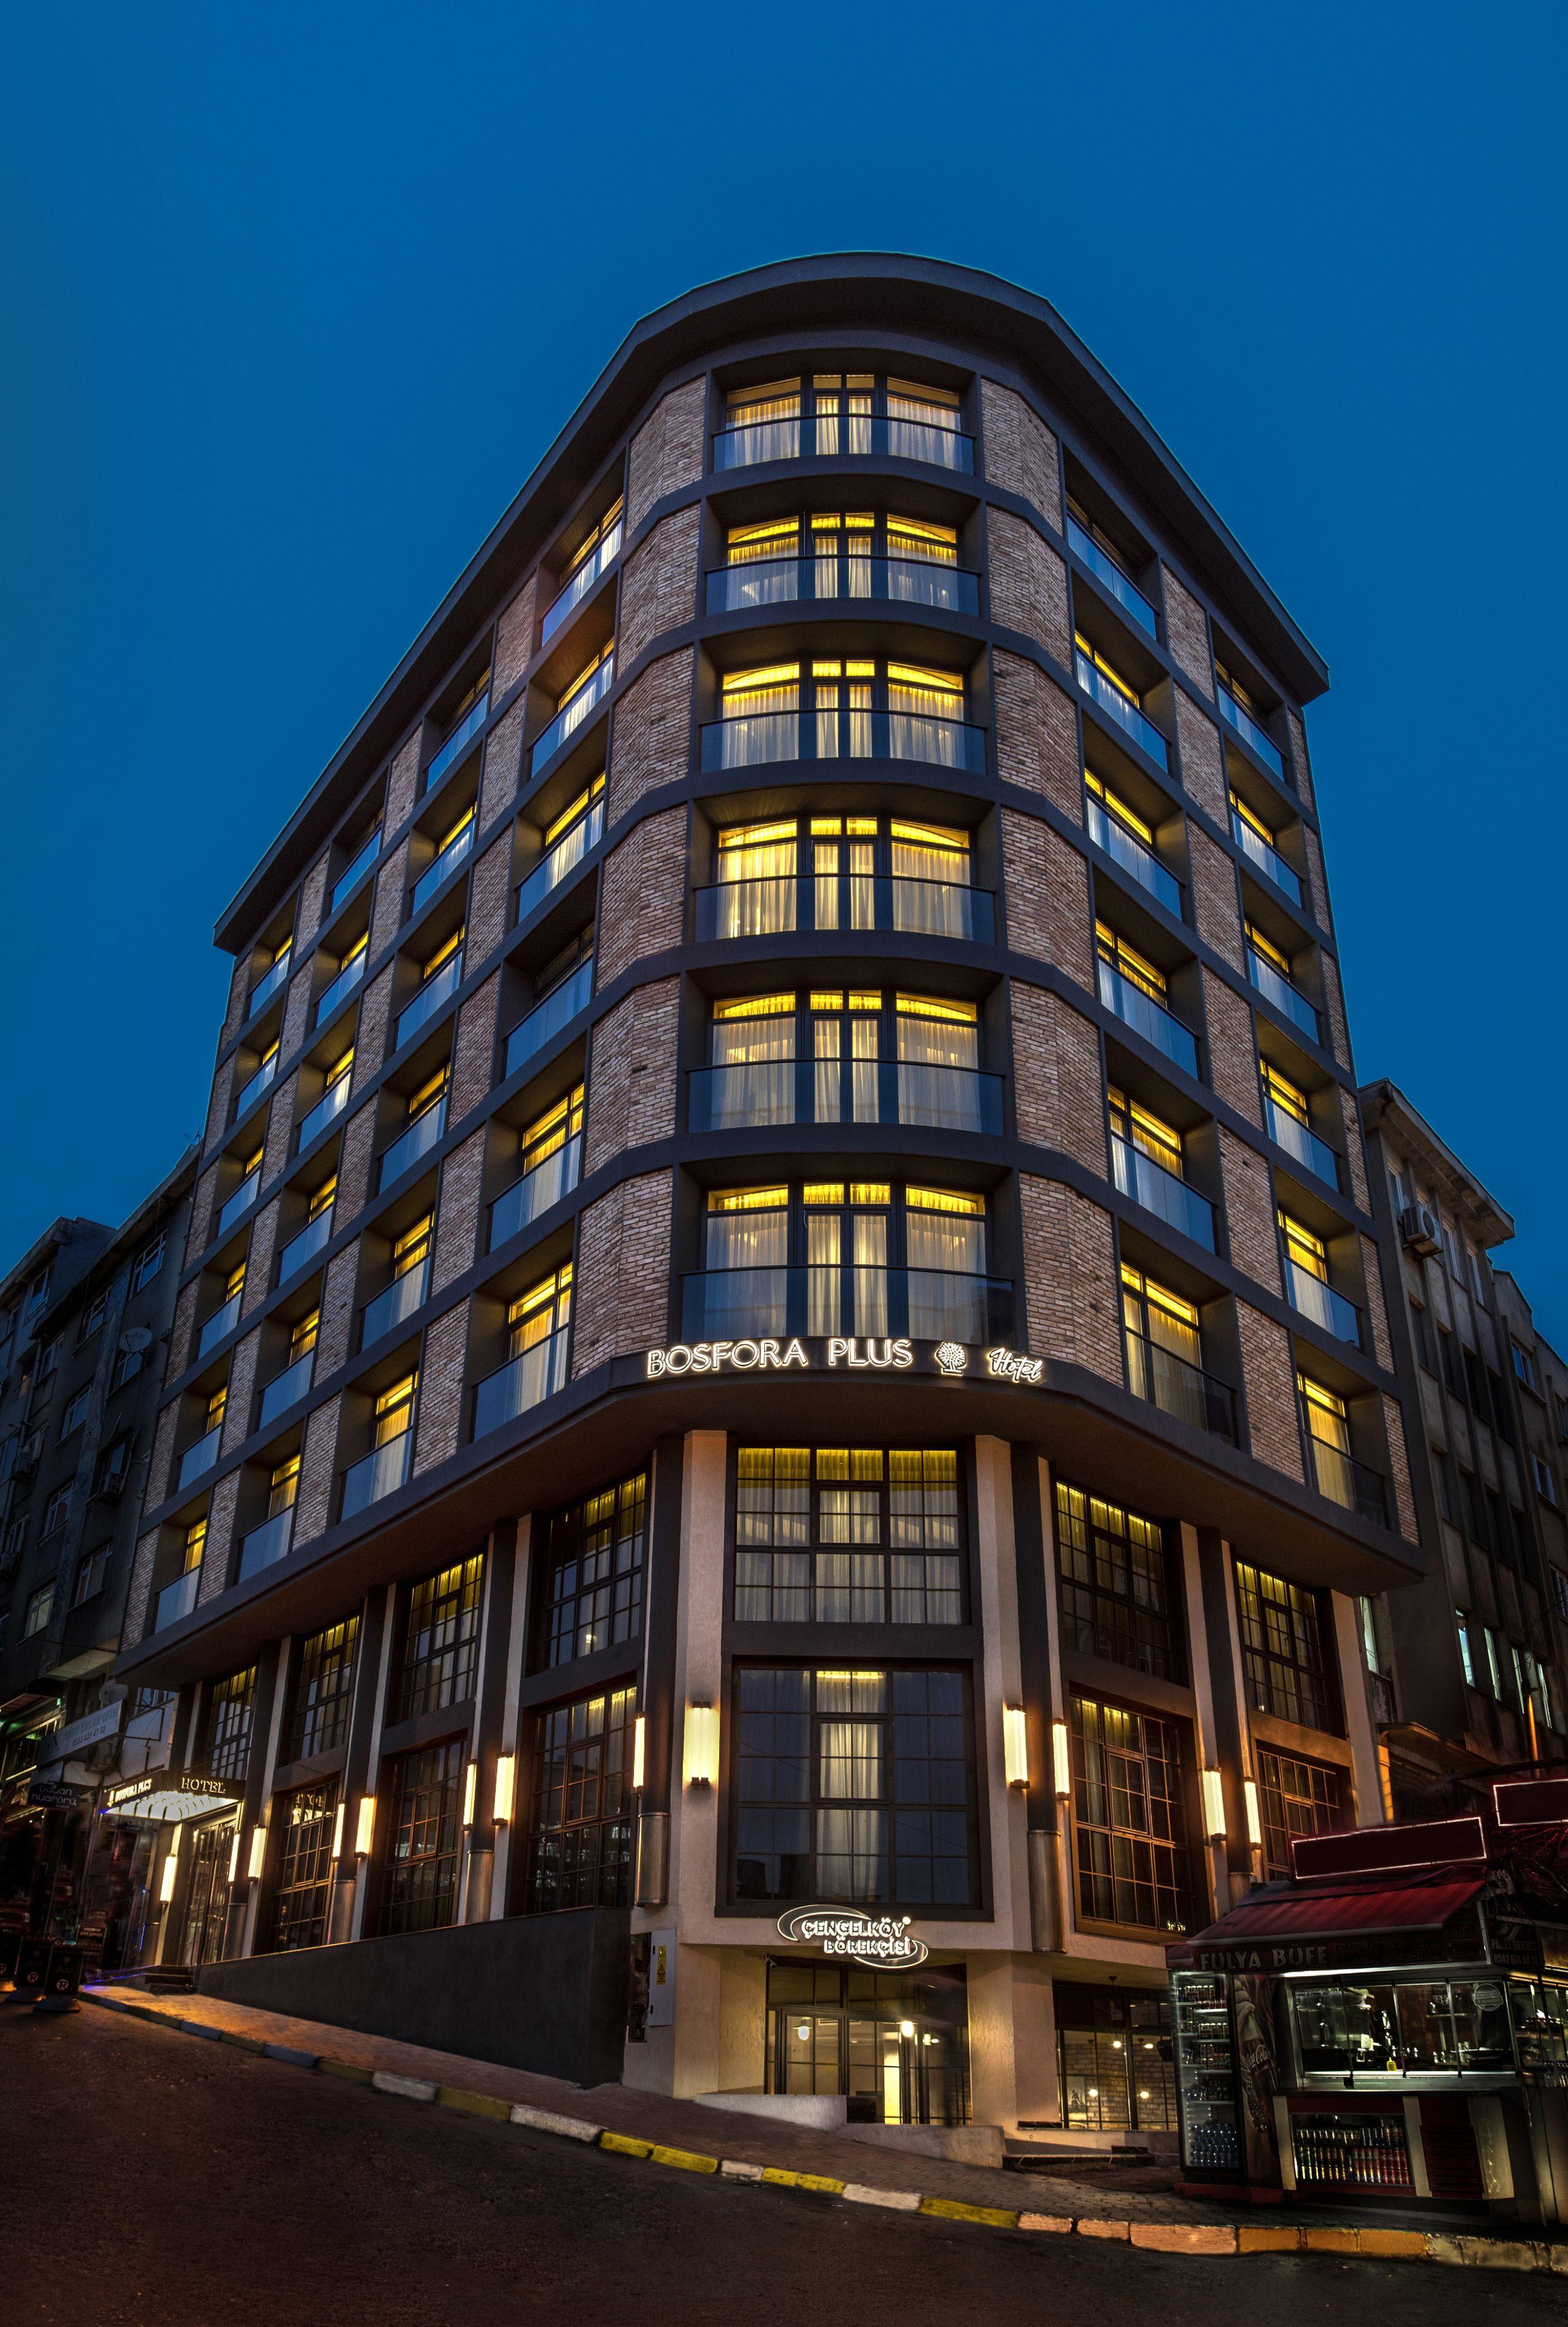 Hotel Bosfora Plus